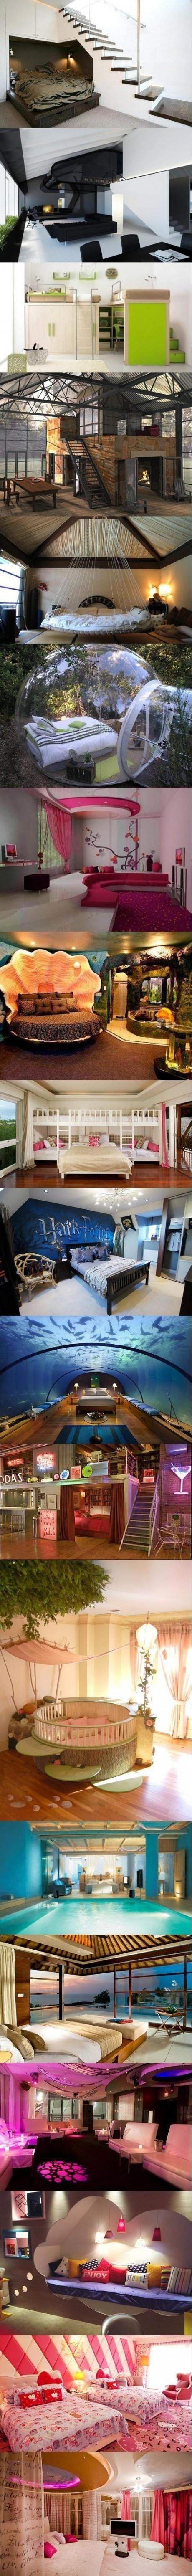 fabulous spaces!: Dreams Bedrooms, Dreams Home, Dreams Houses, Cool Bedrooms, Dreams Rooms, Awesome Bedrooms, Harry Potter, Bedrooms Ideas, Cool Rooms